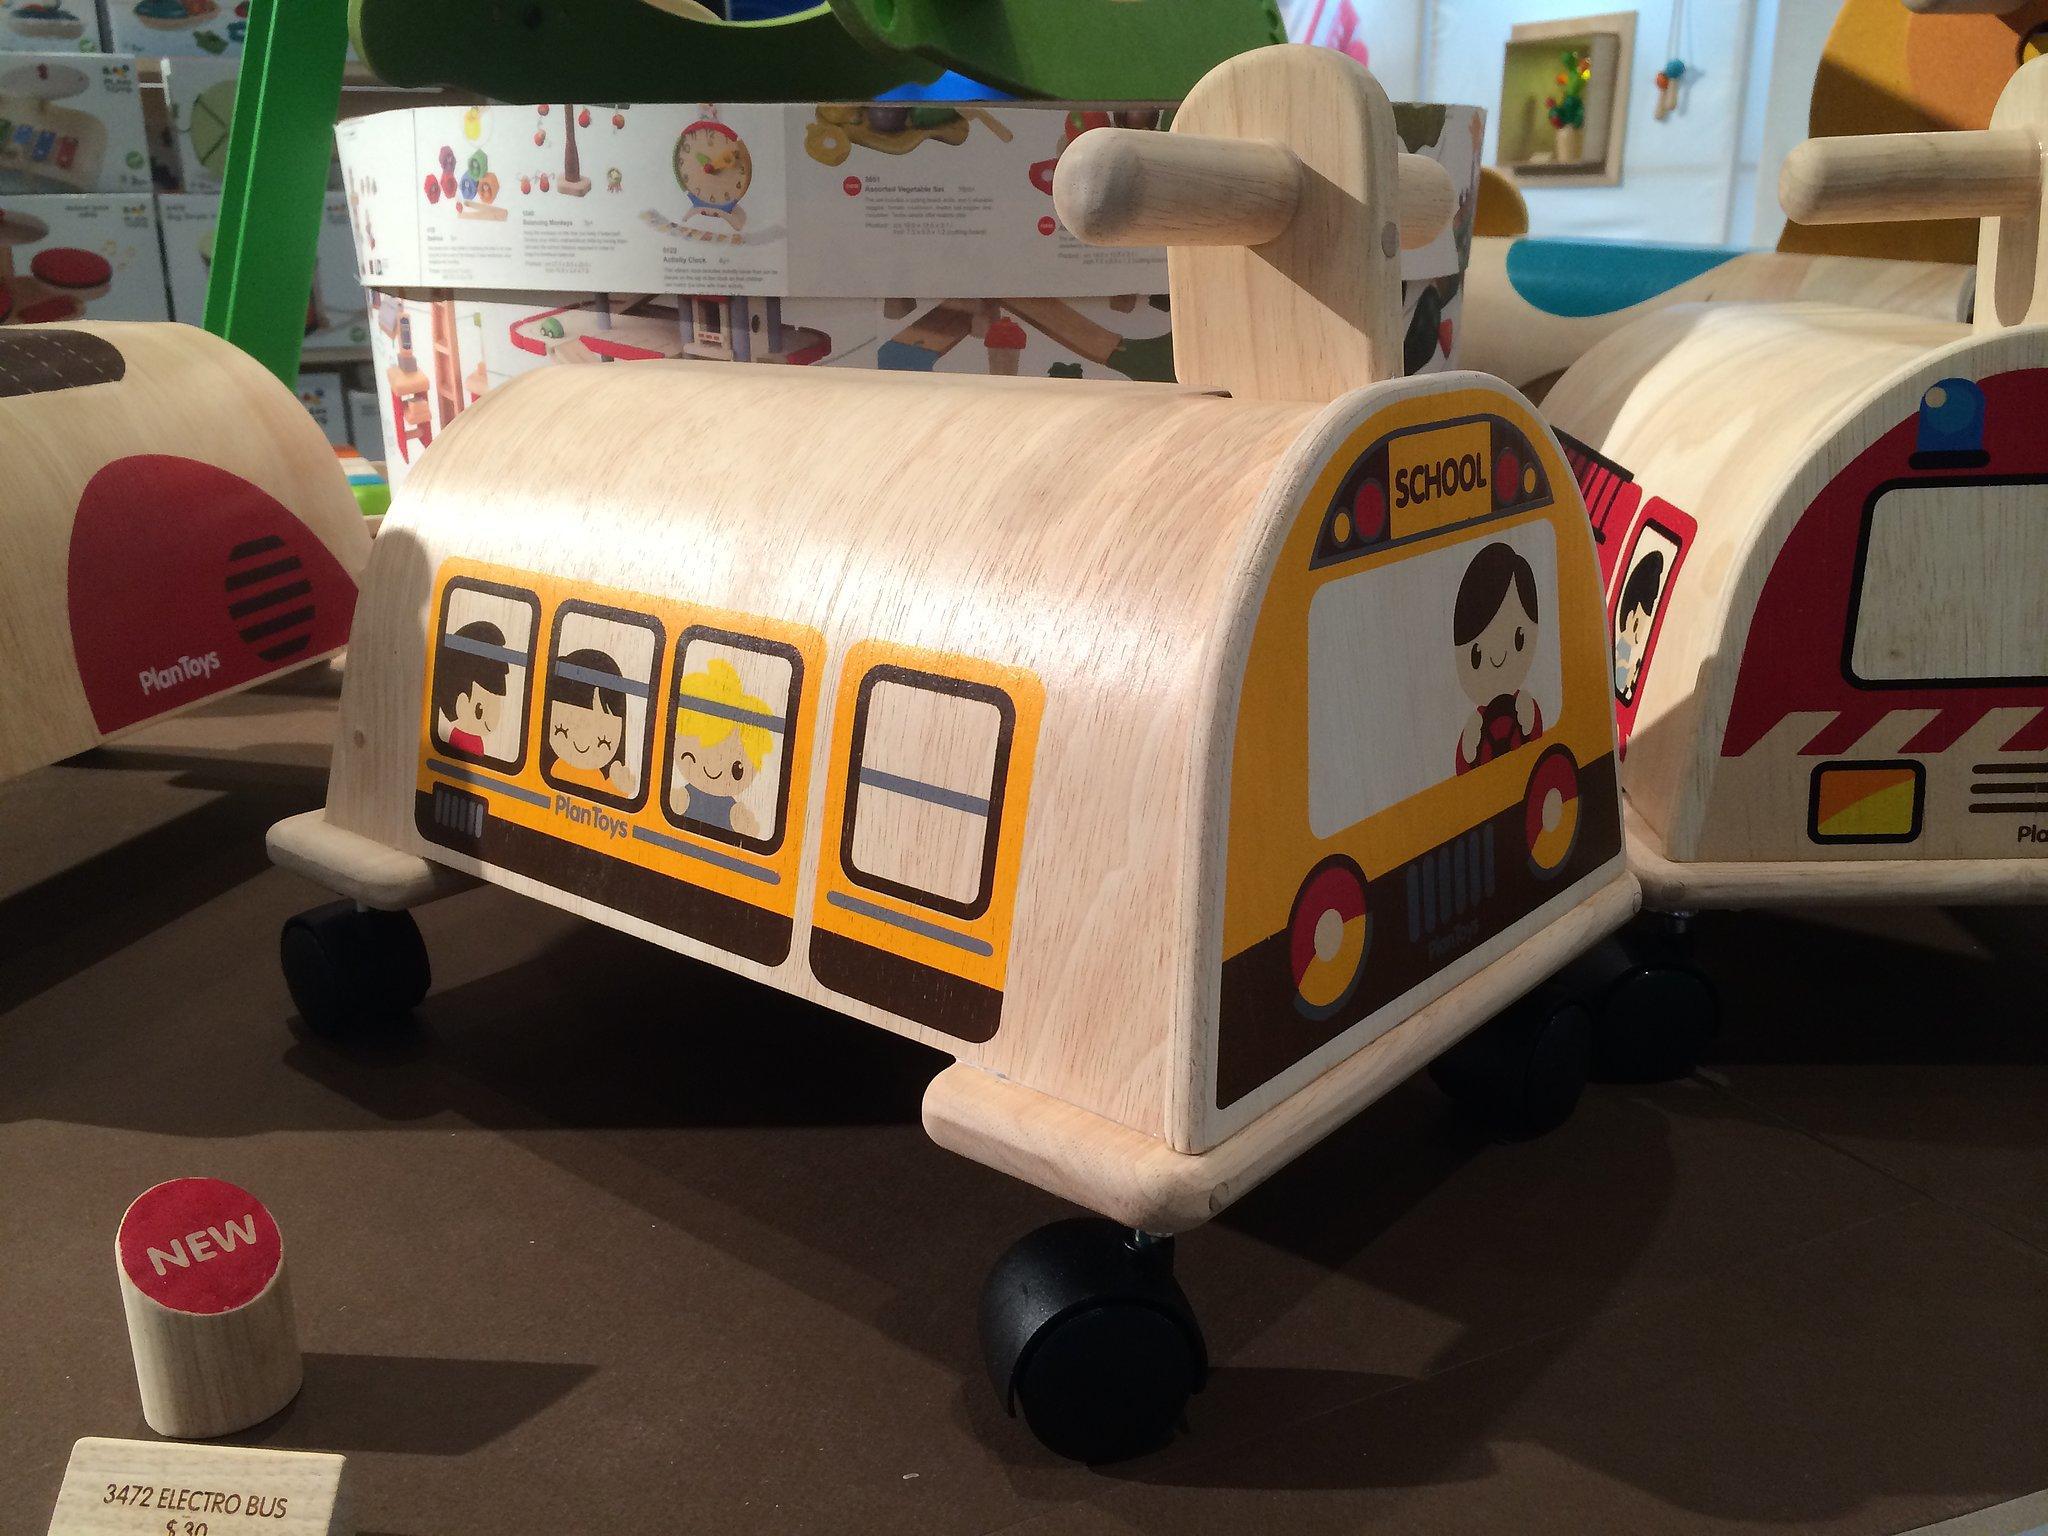 Plan Toys Electro Bus